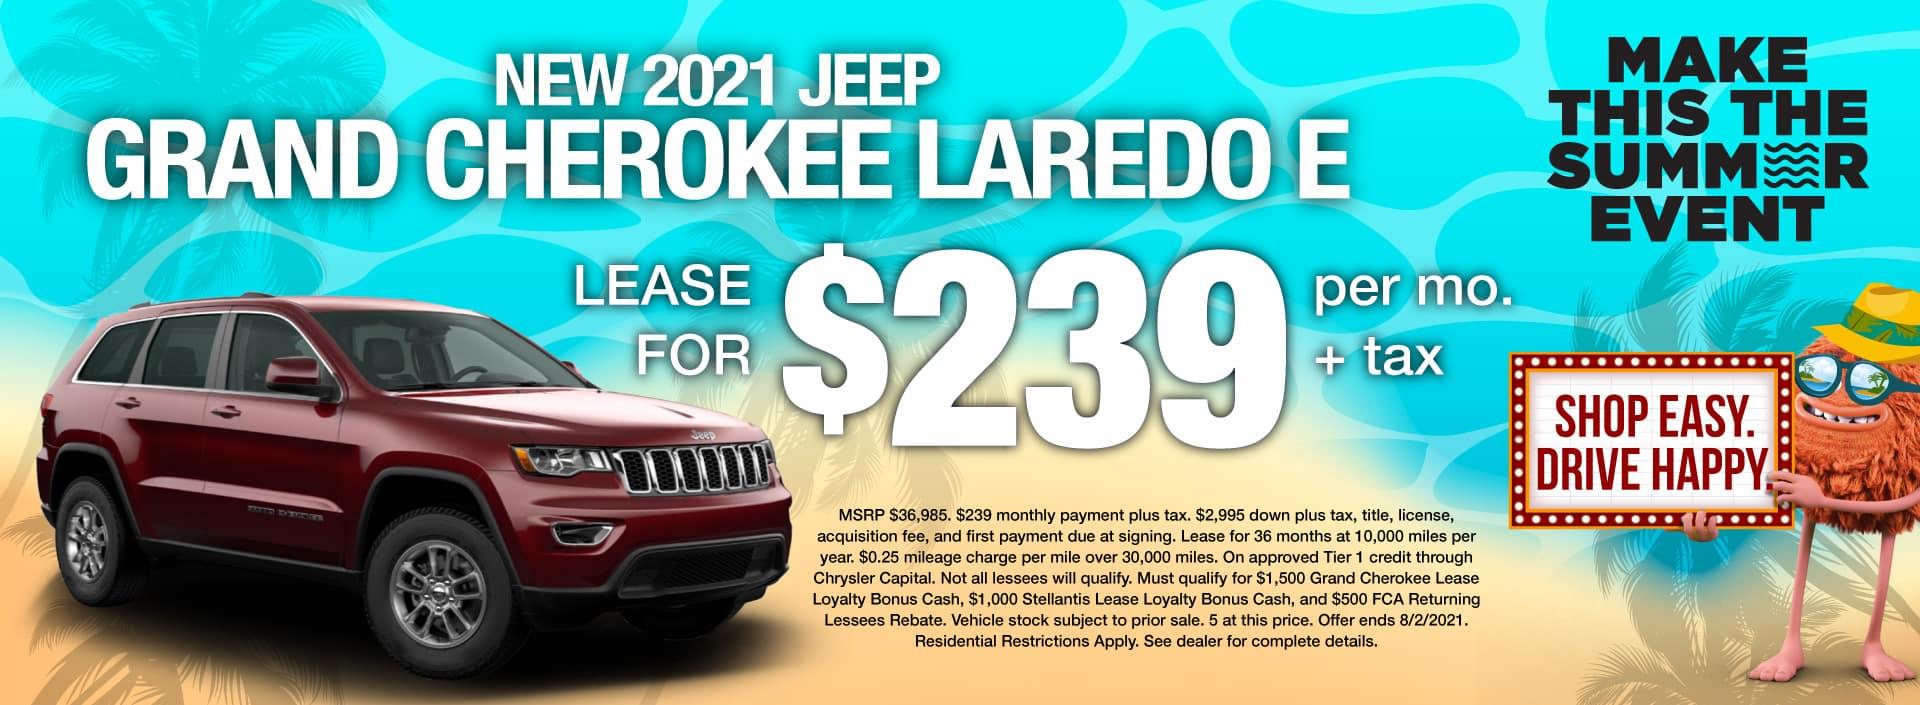 OC 1920px705 Offers_Aug2_GC Laredo E